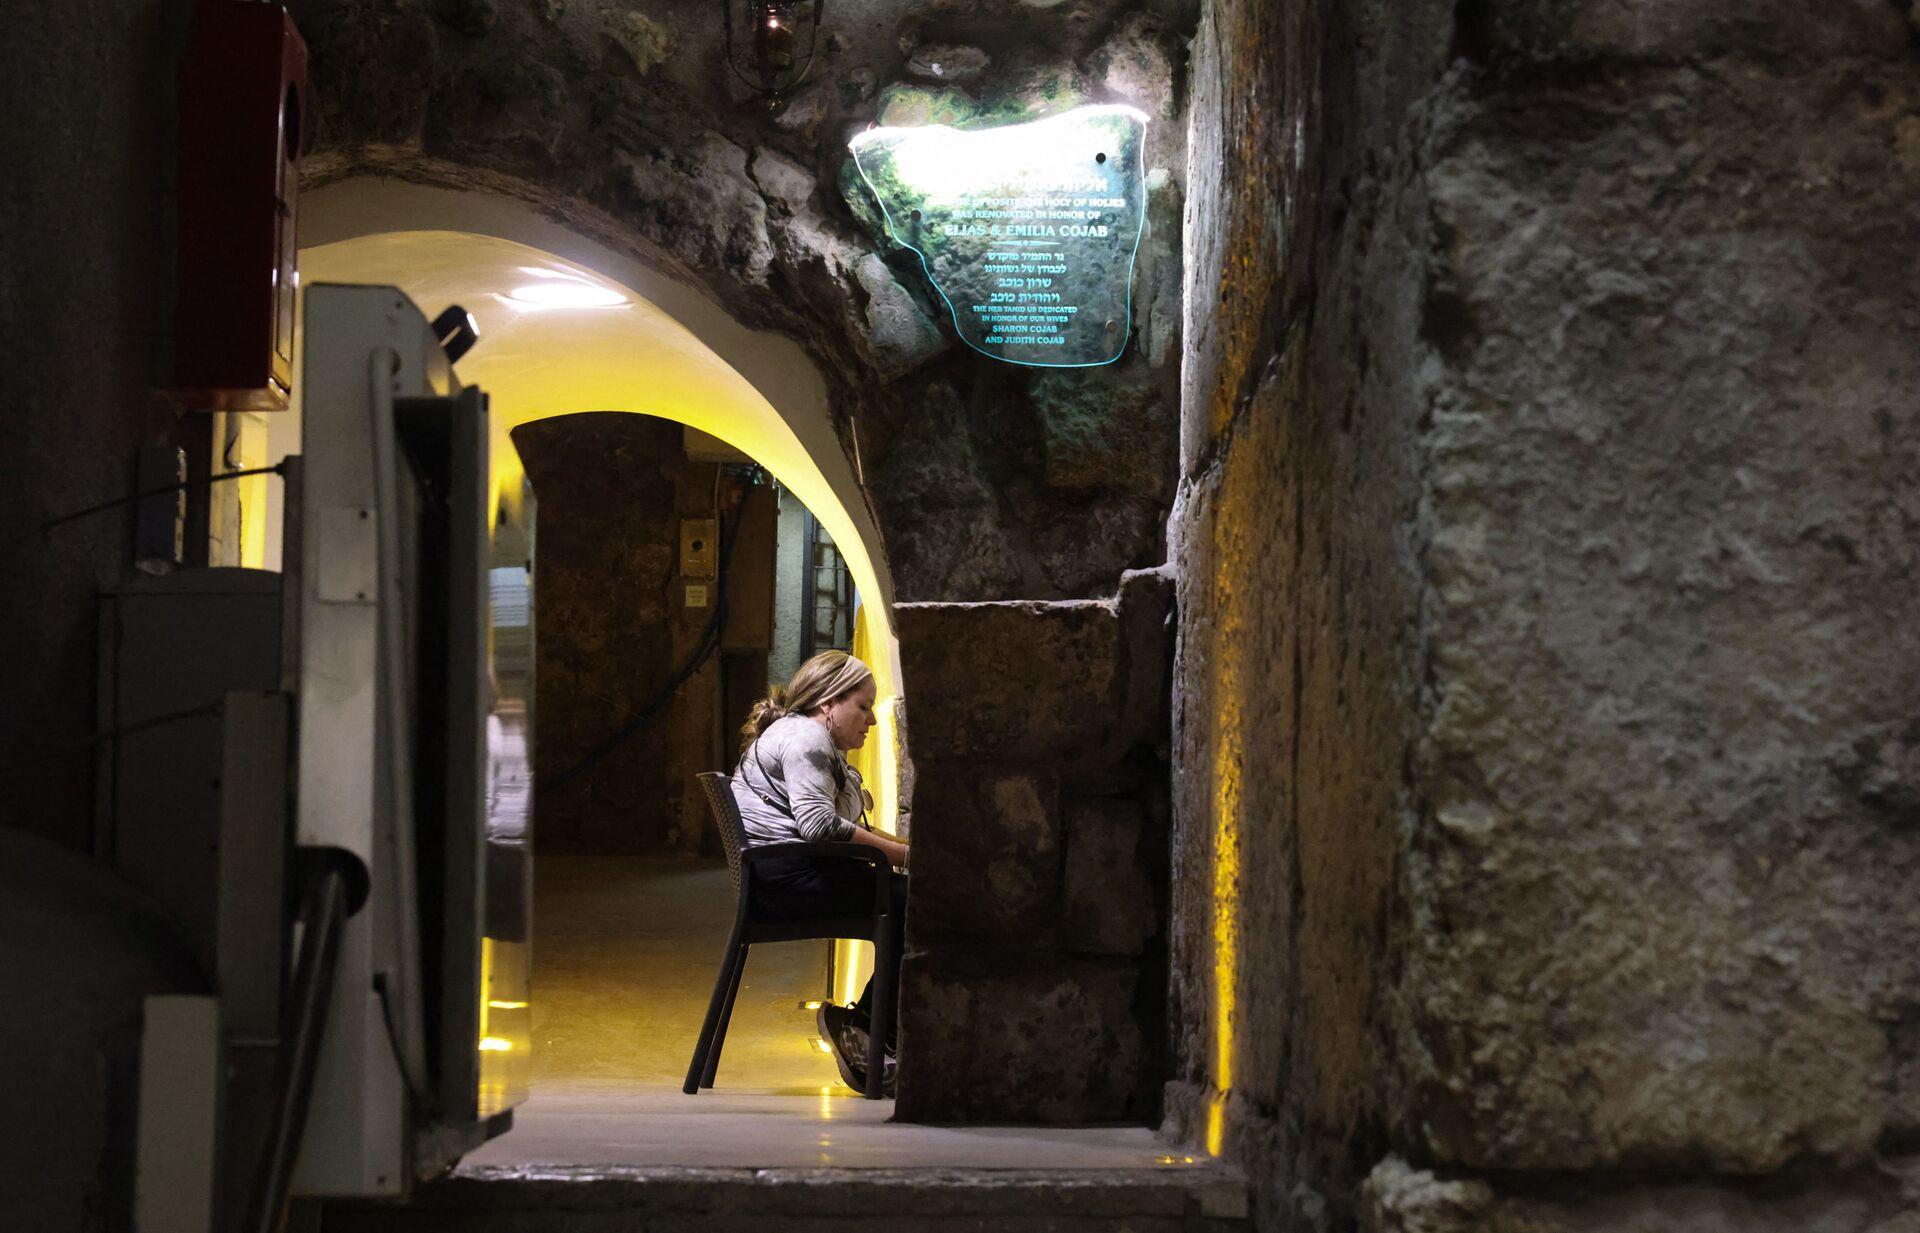 Jevrejka se moli pred podzemnim delom Zapadnog zida u Jerusalimu, 8. jula 2021. - Sputnik Srbija, 1920, 13.07.2021